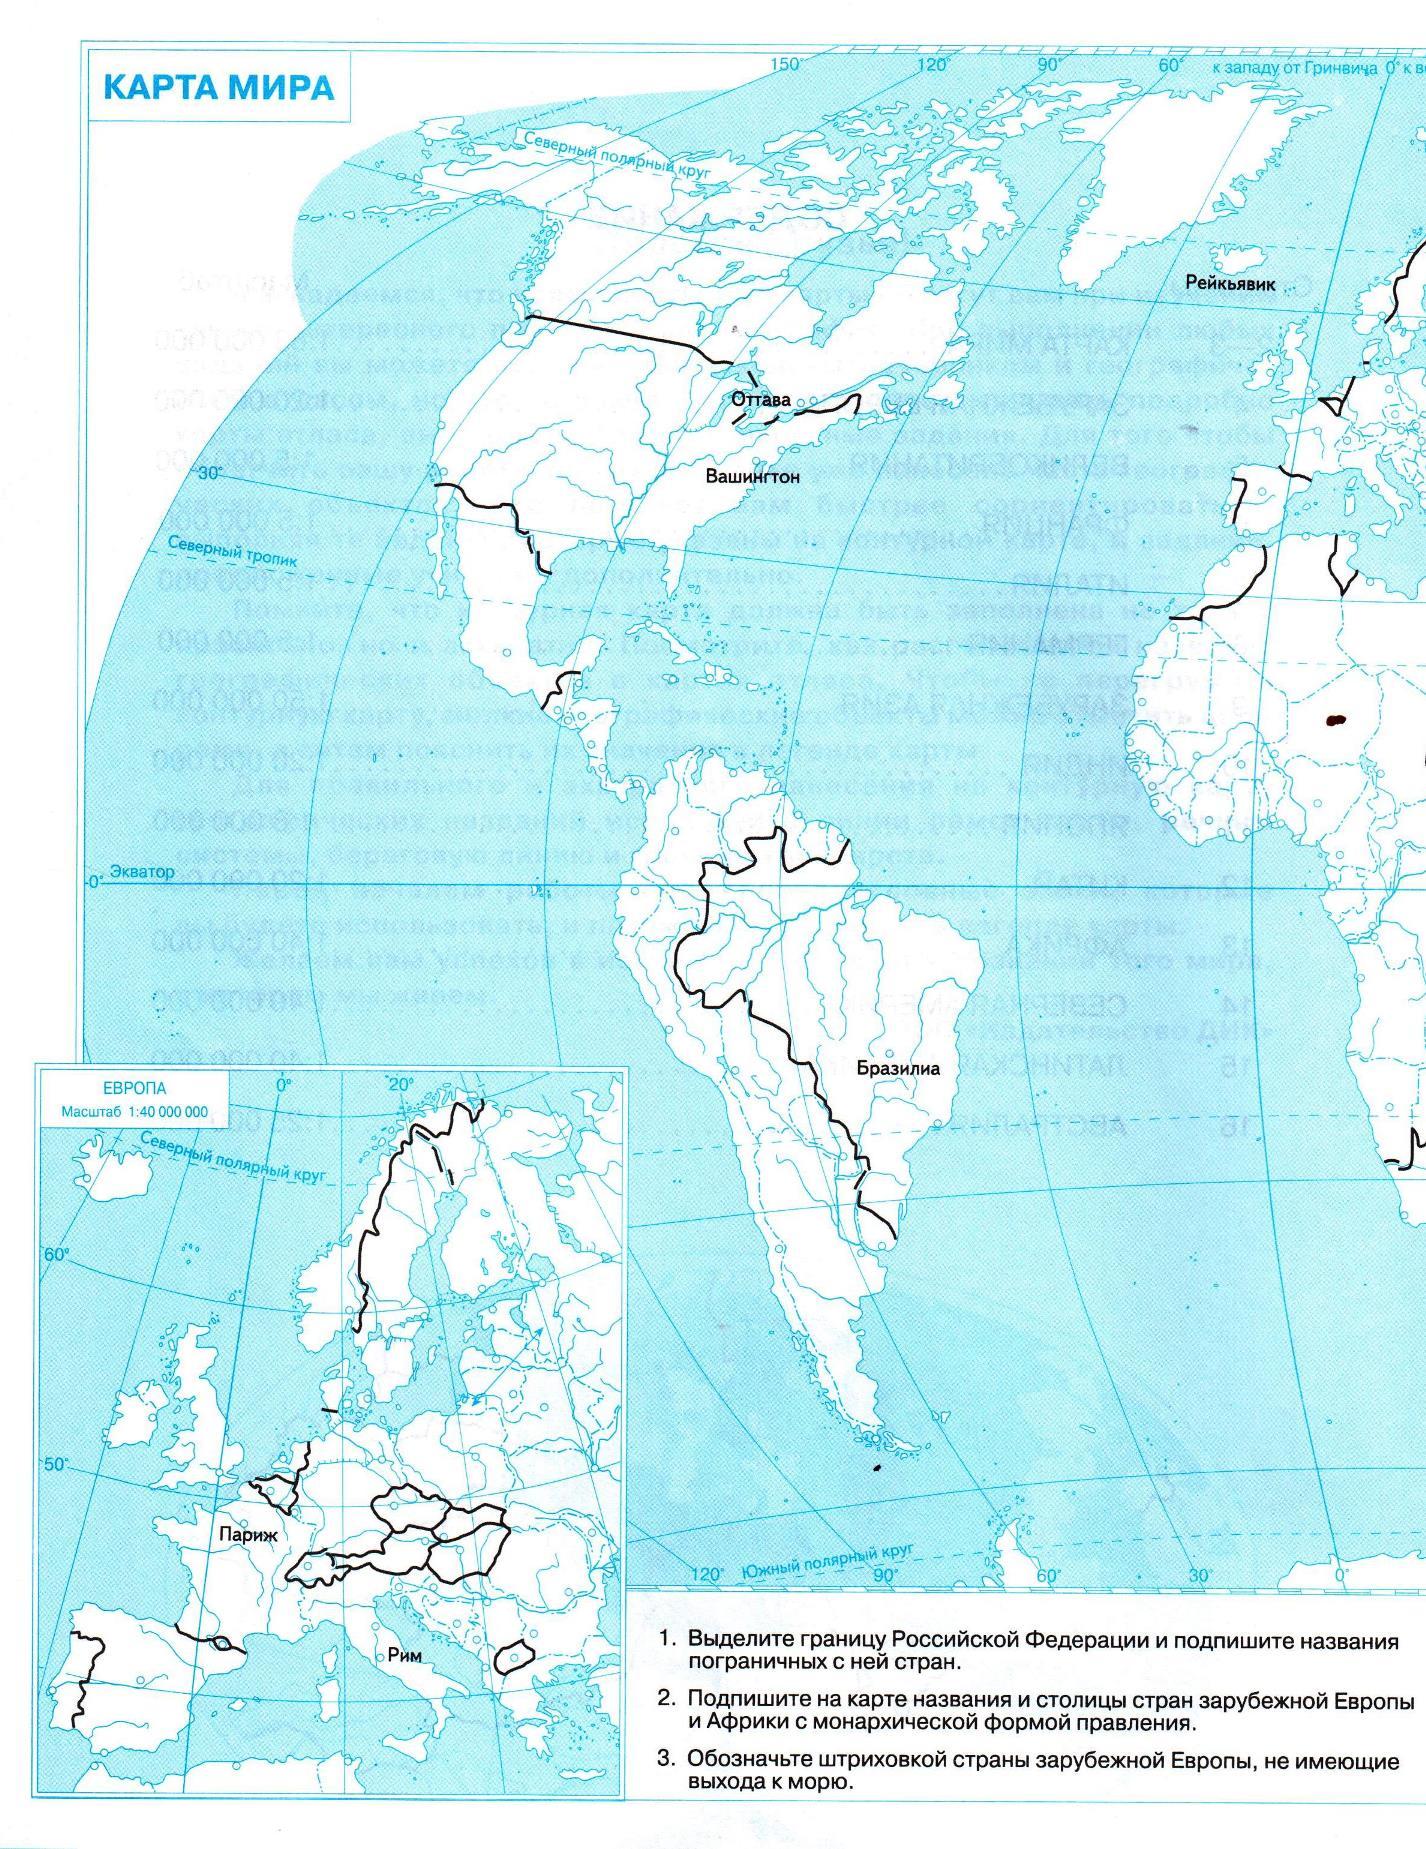 Онлайн ответы на контурную карту по географии 10 класс